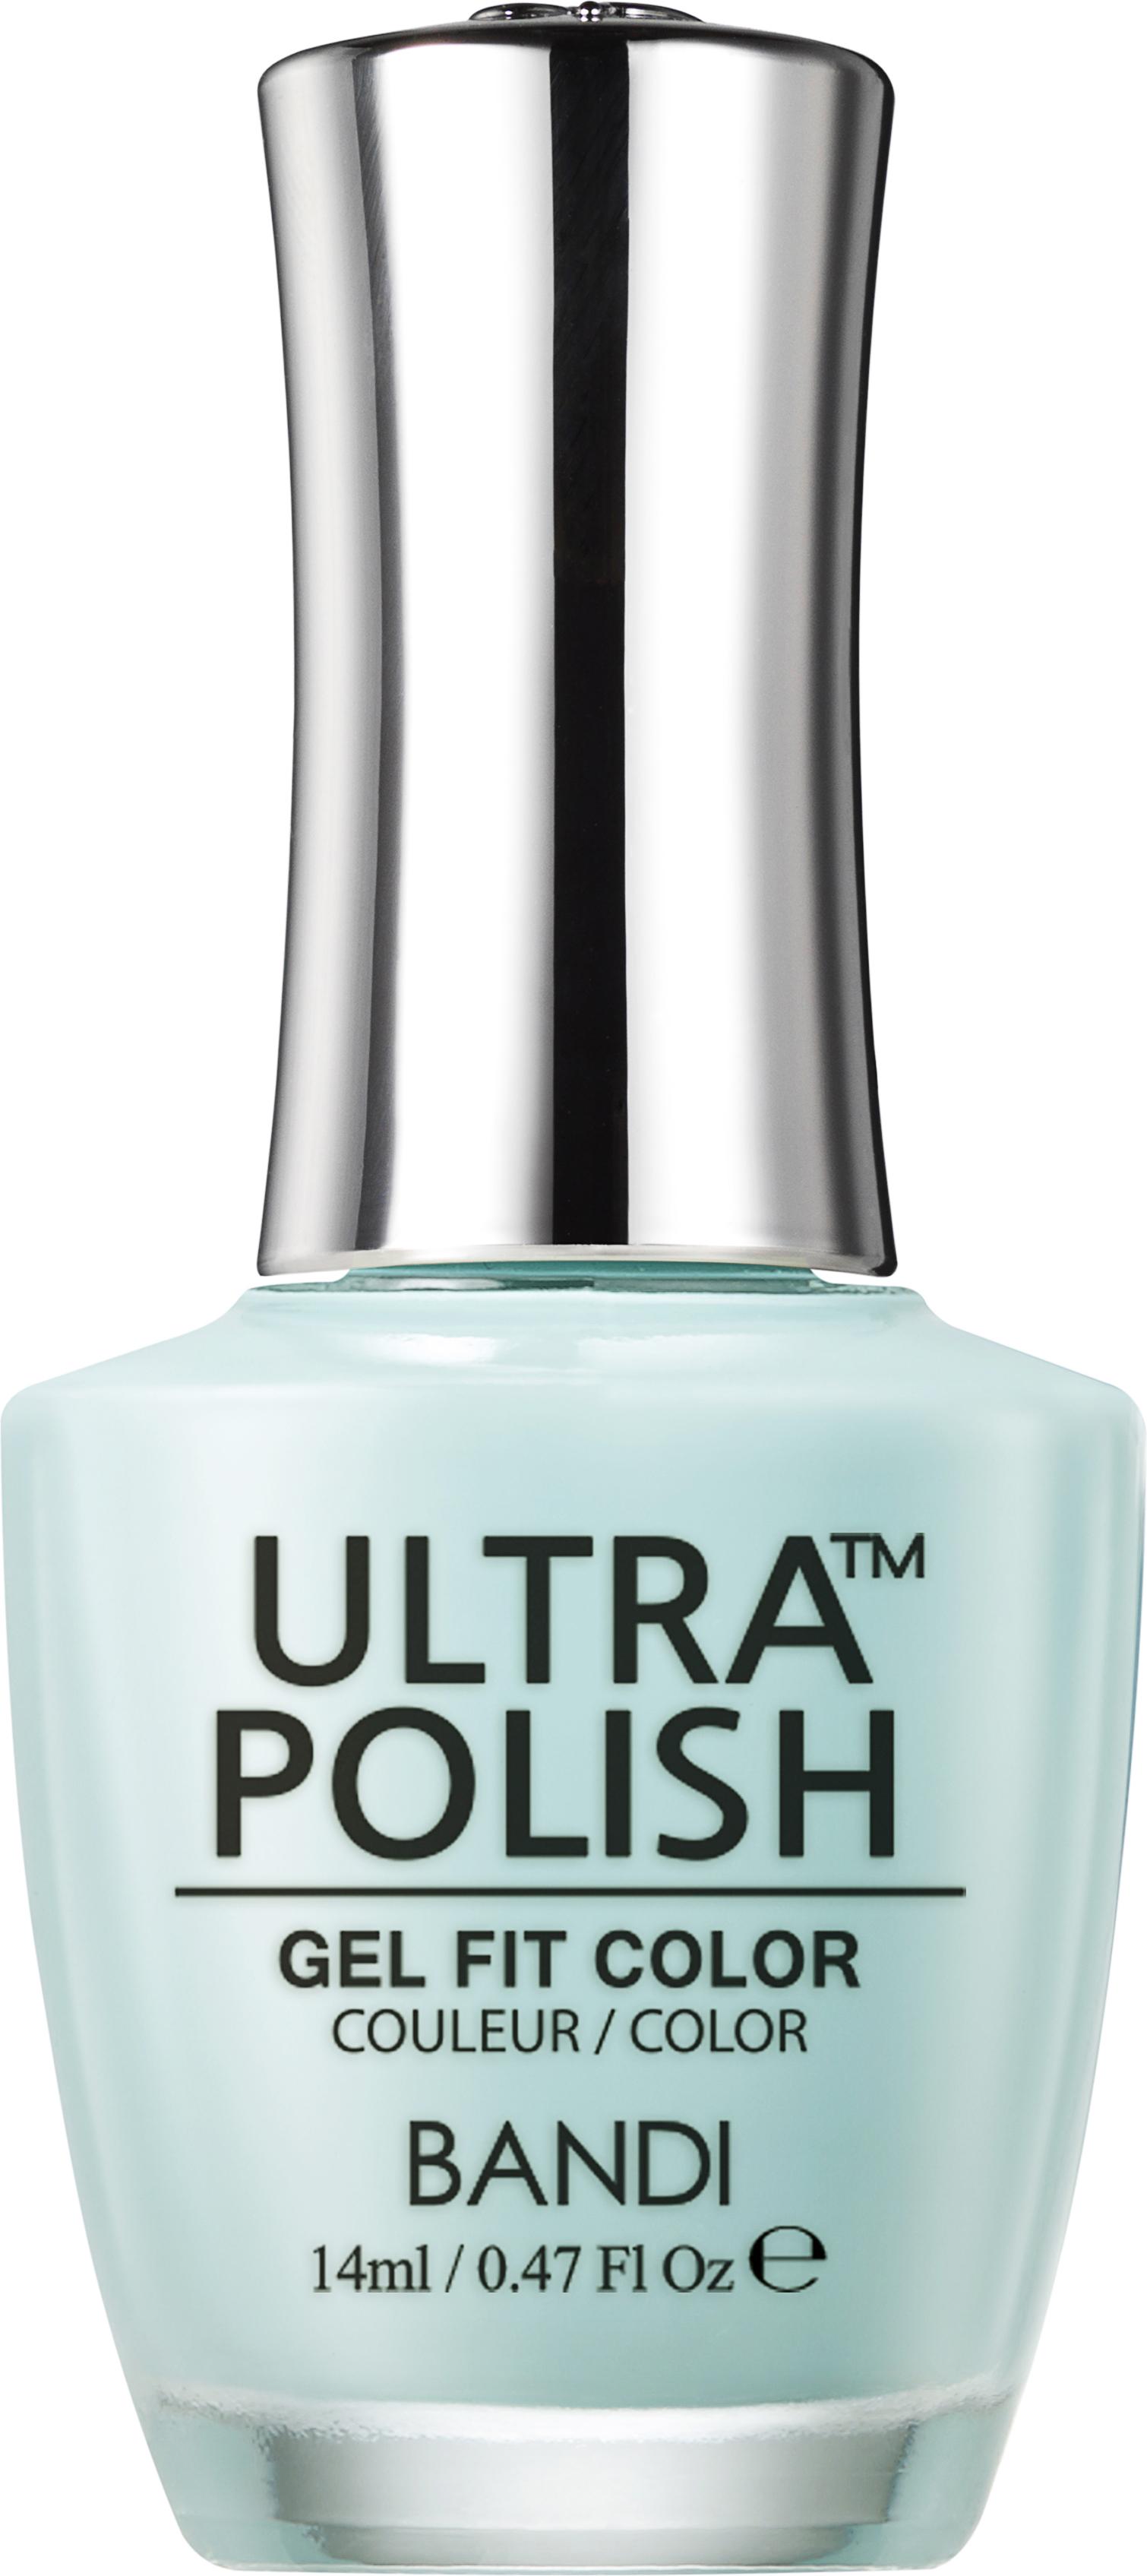 Купить BANDI UP701 ультра-покрытие долговременное цветное для ногтей / ULTRA POLISH GEL FIT COLOR 14 мл, Синие